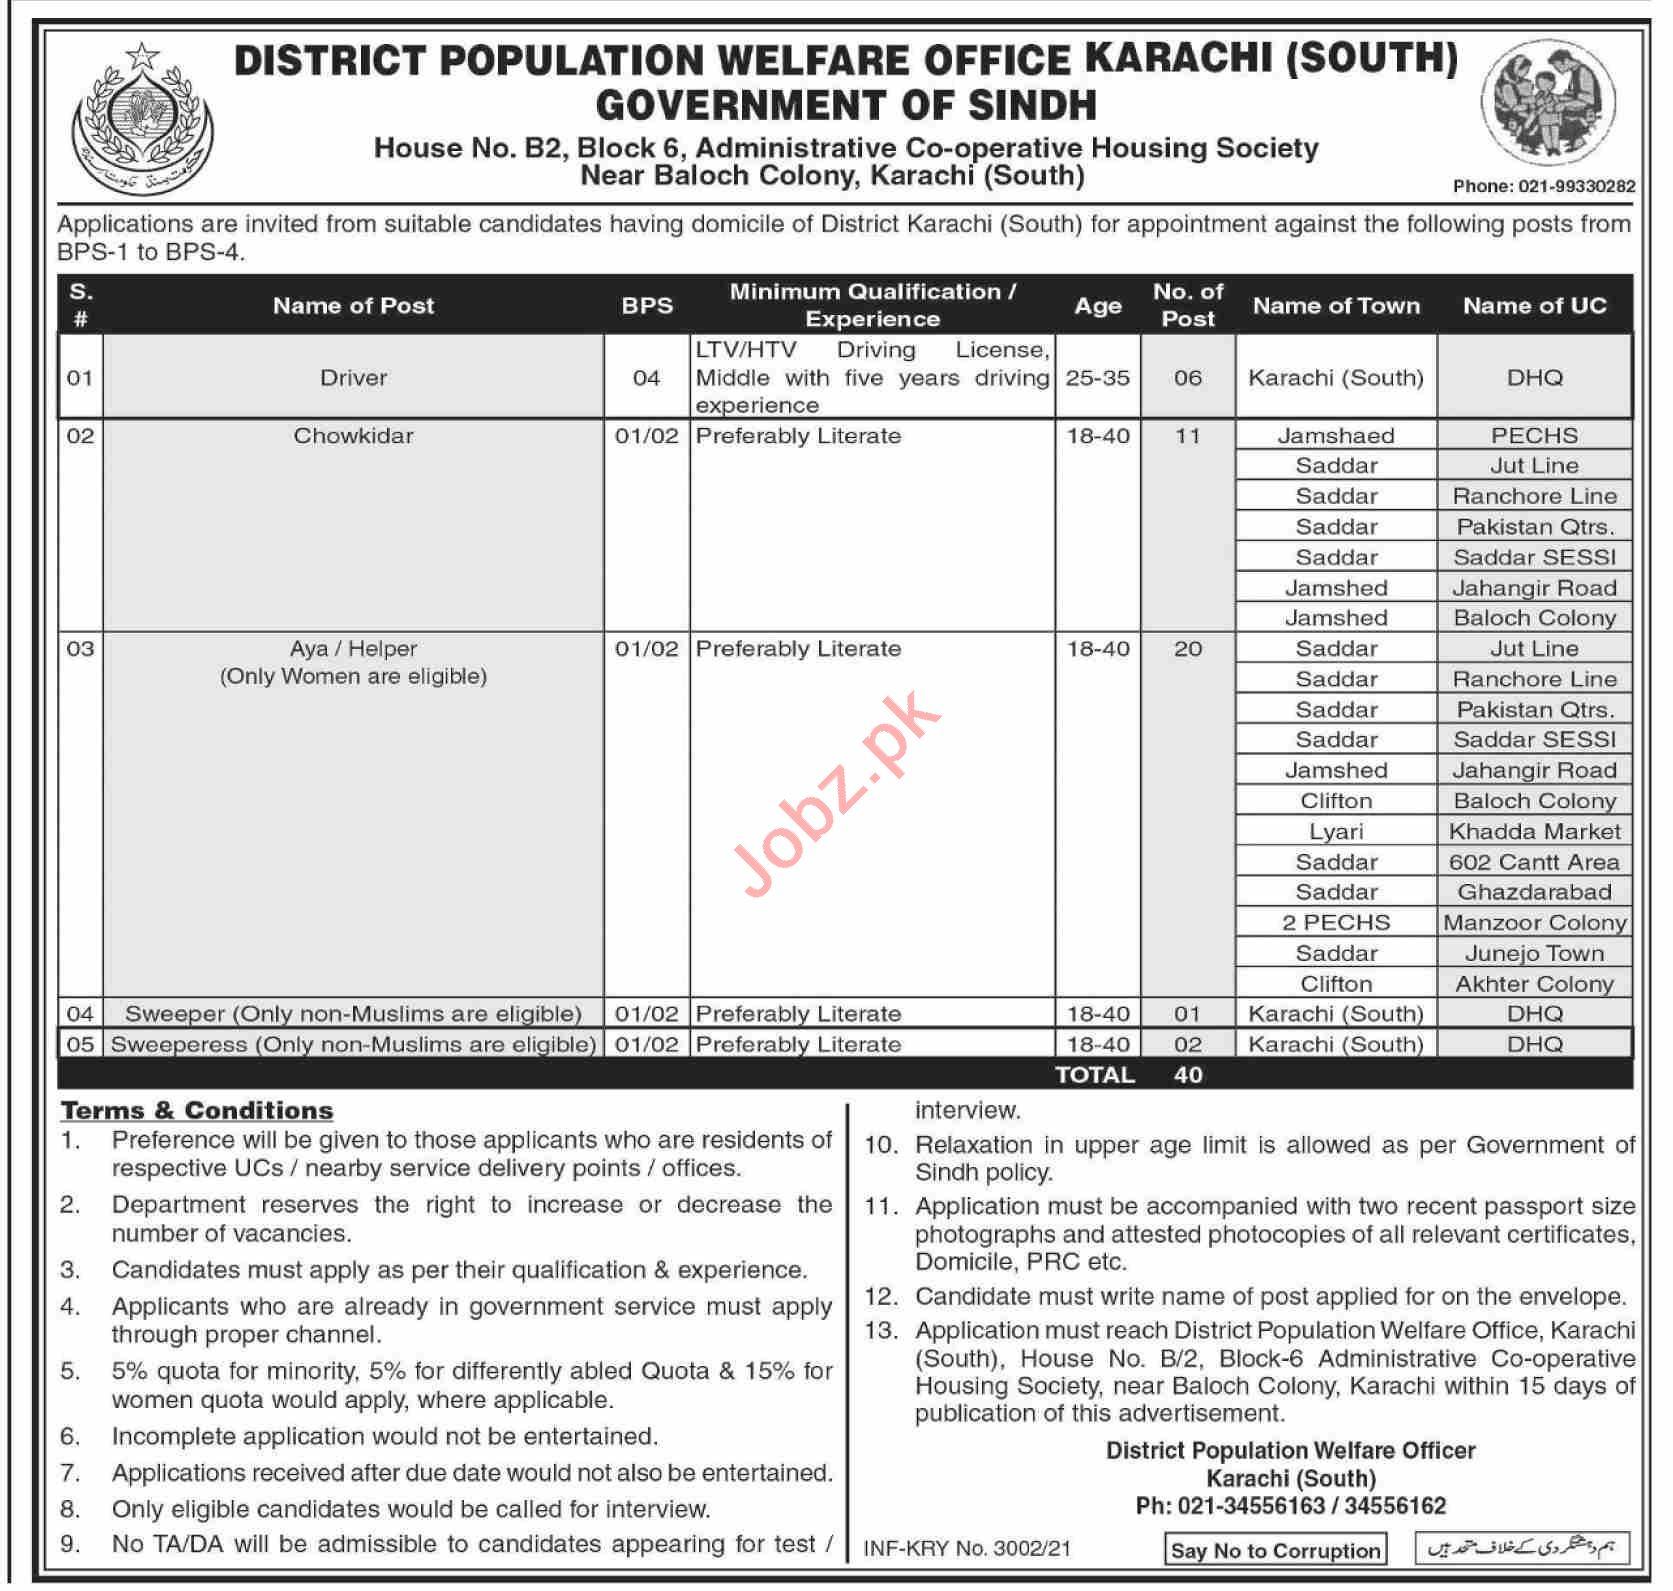 District Population Welfare Office Karachi South Jobs 2021